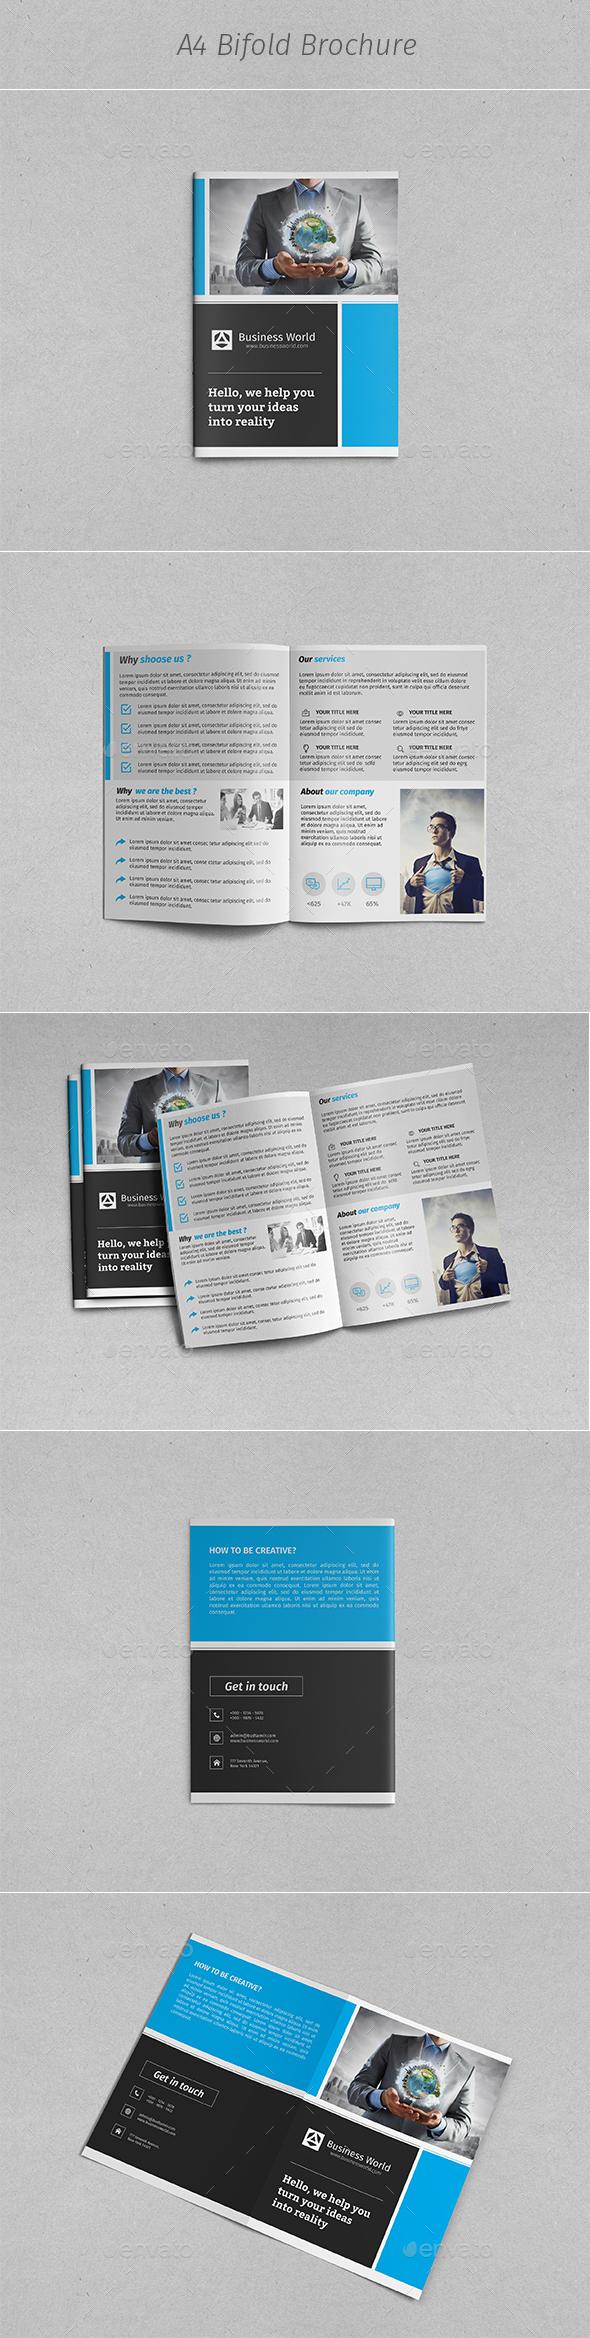 A4 Business Bi-fold Brochure - Corporate Brochures